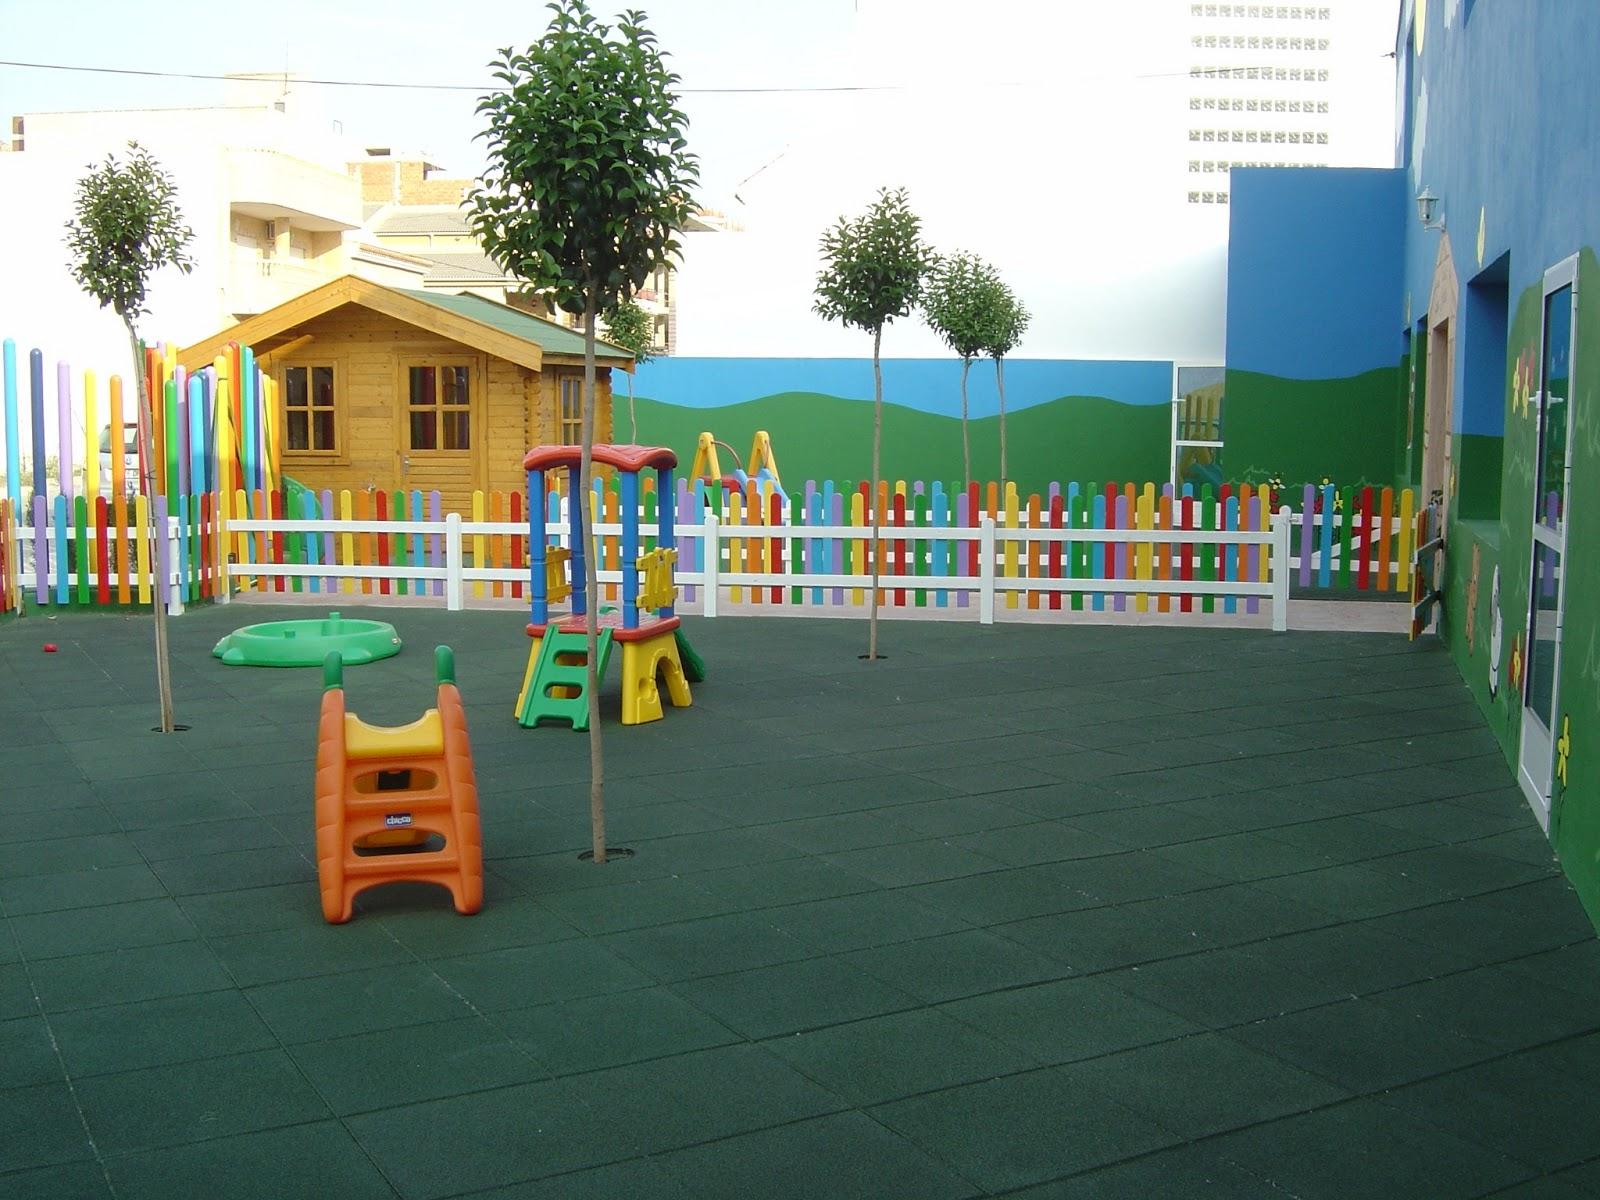 Escuela Infantil Hirukiak: 1. Espacios